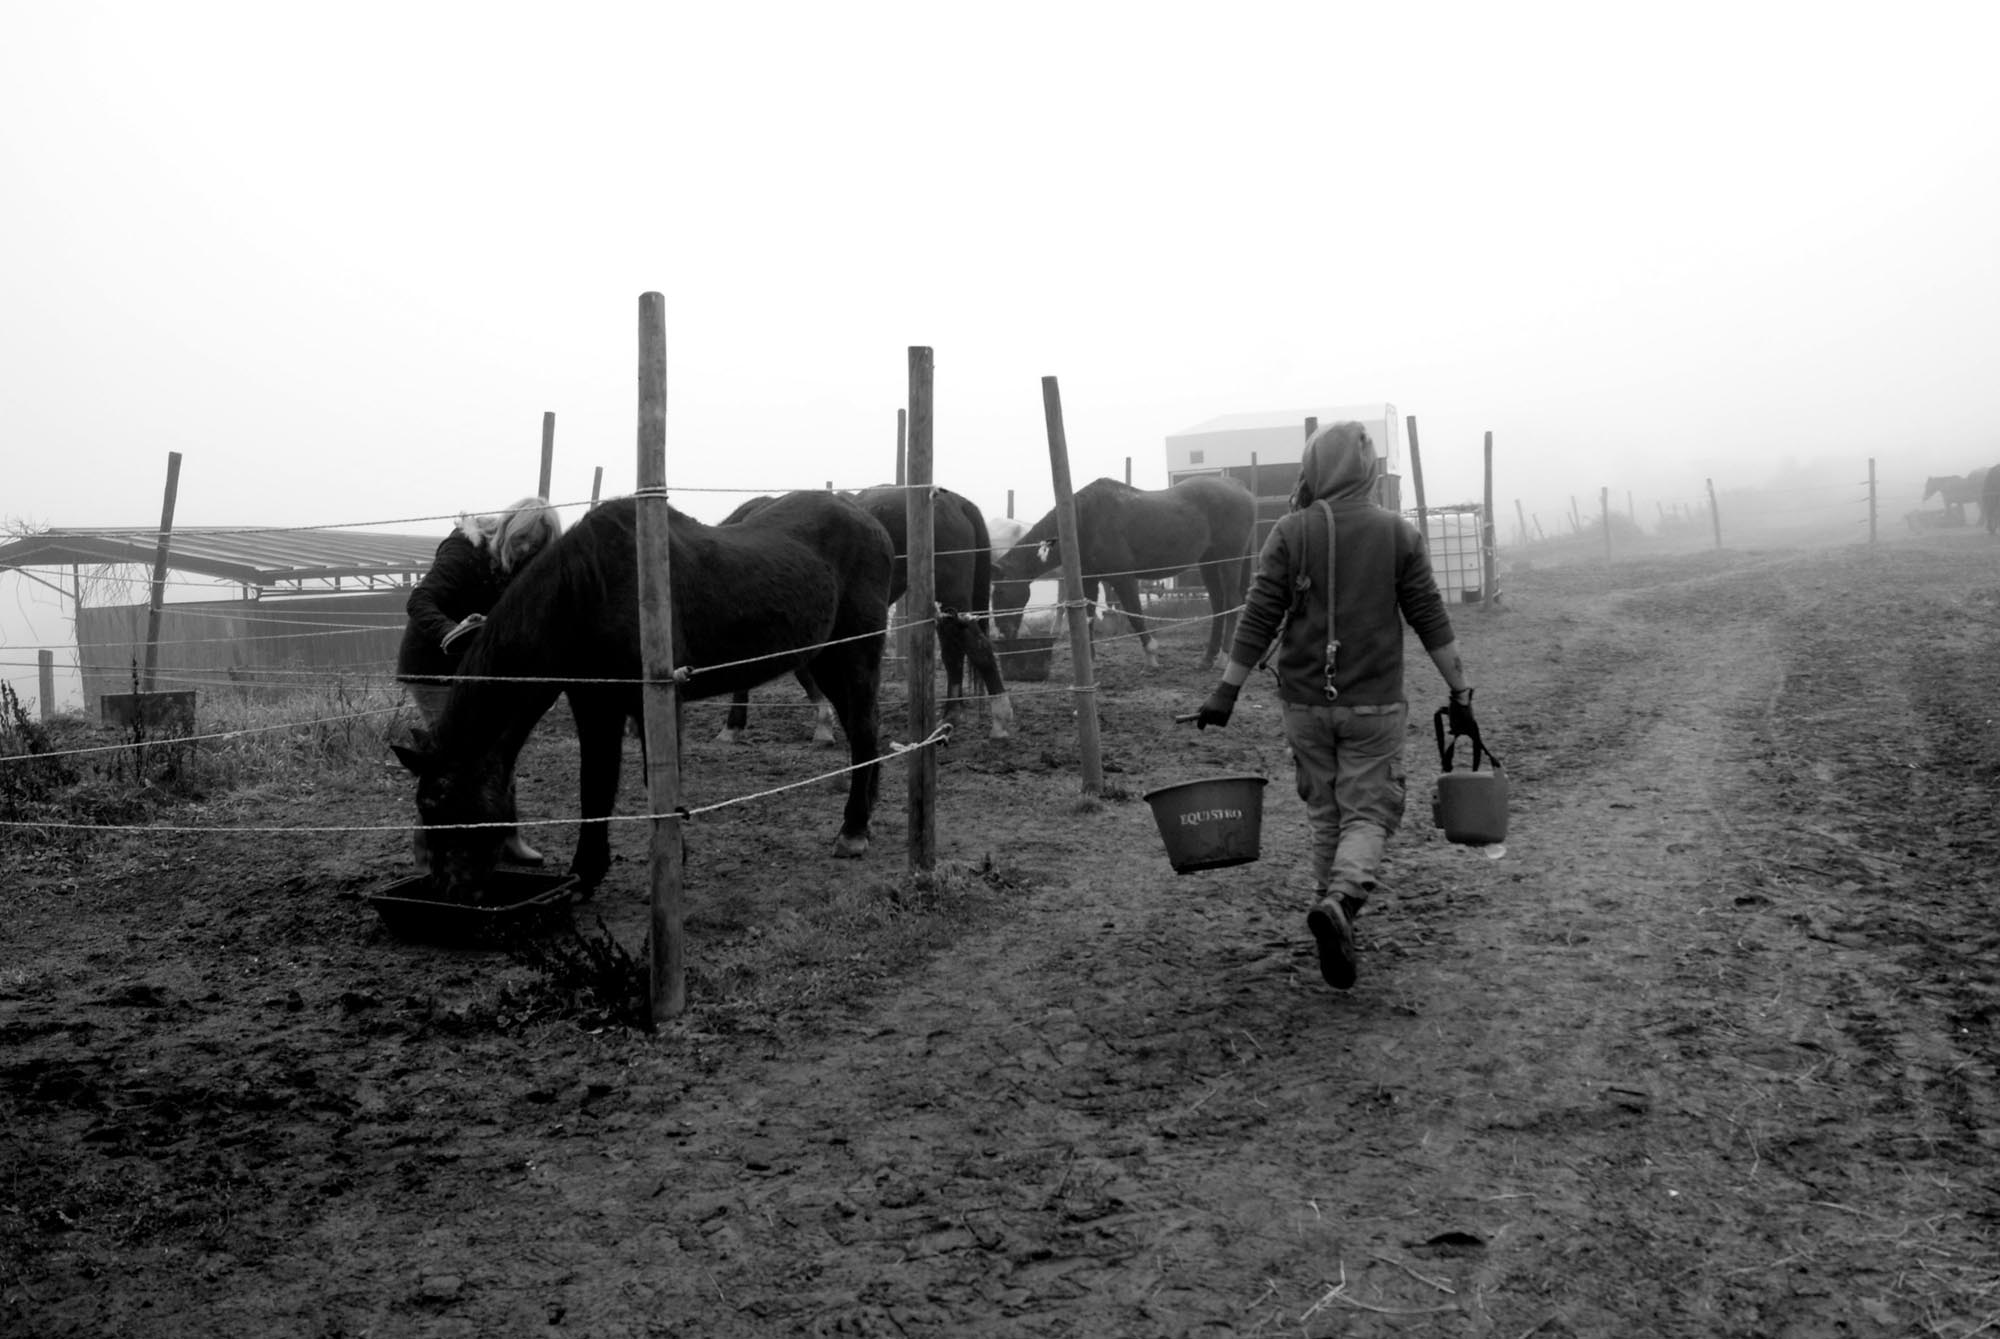 0723 Volontari per gli animali 2 - Protezione animali, HIP routine quotidiana